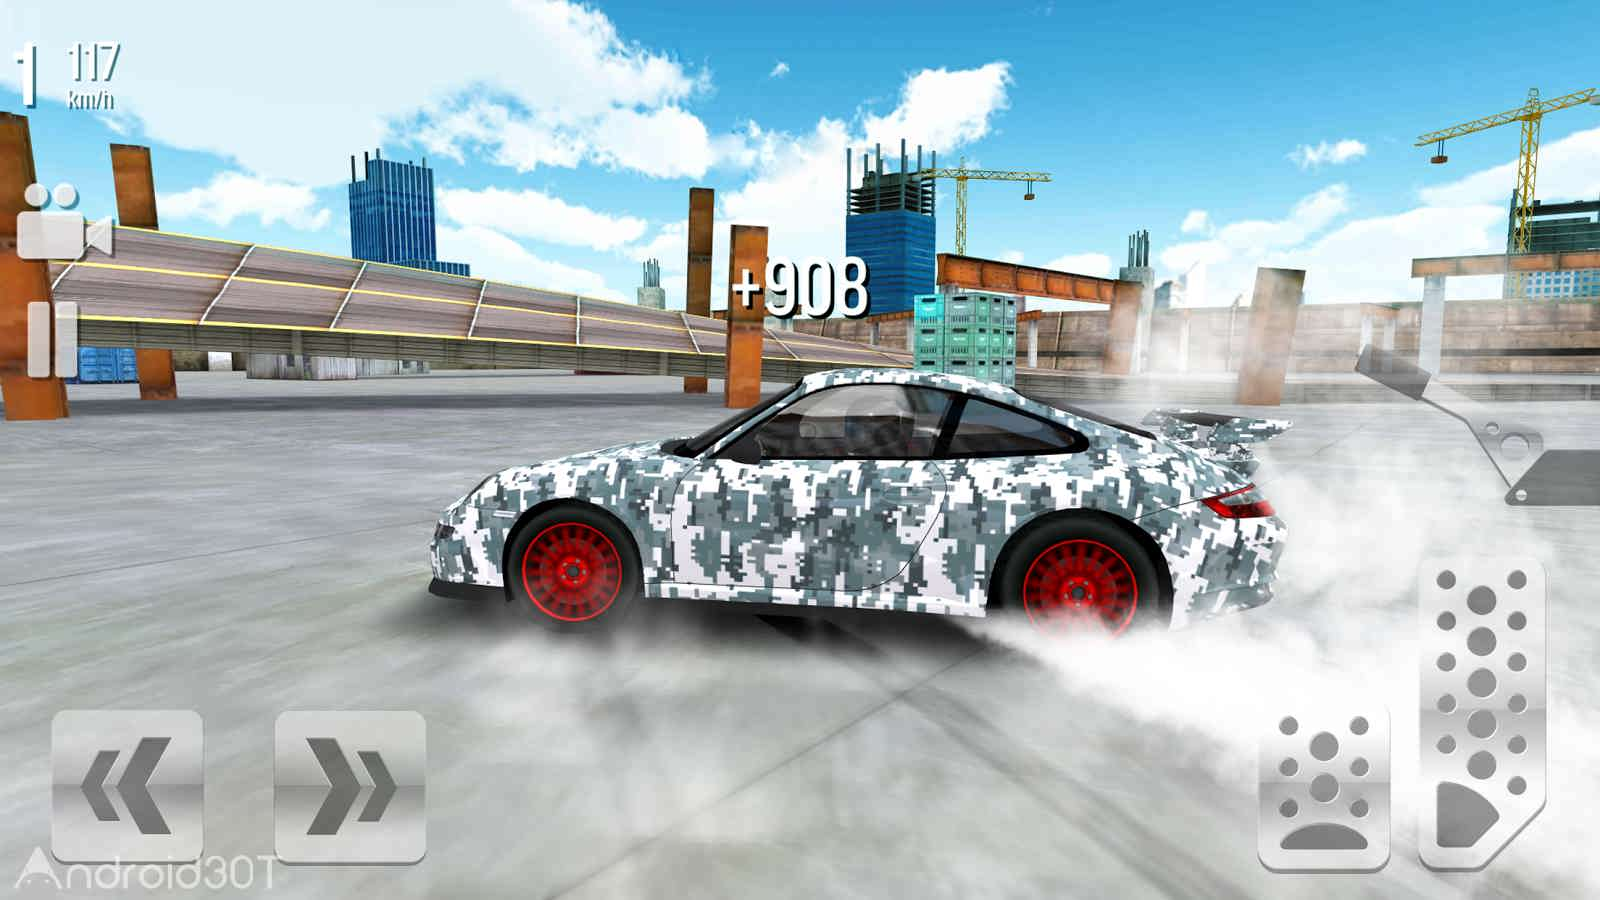 دانلود Drift Max City 2.79 – بازی مسابقه ای نهایت دریفت اندروید